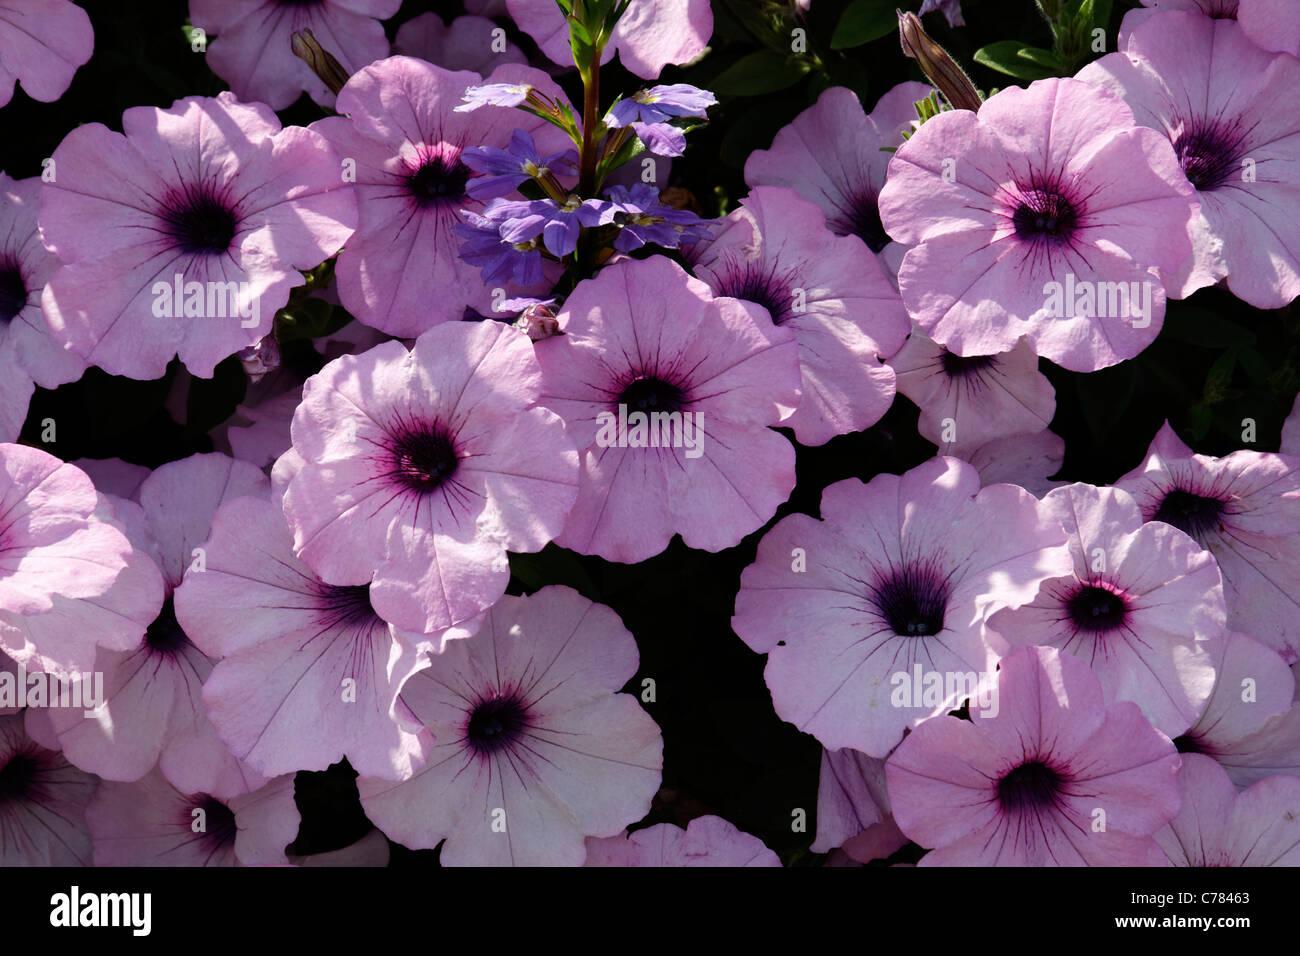 Surfinia Petunia Stock Photos Amp Surfinia Petunia Stock